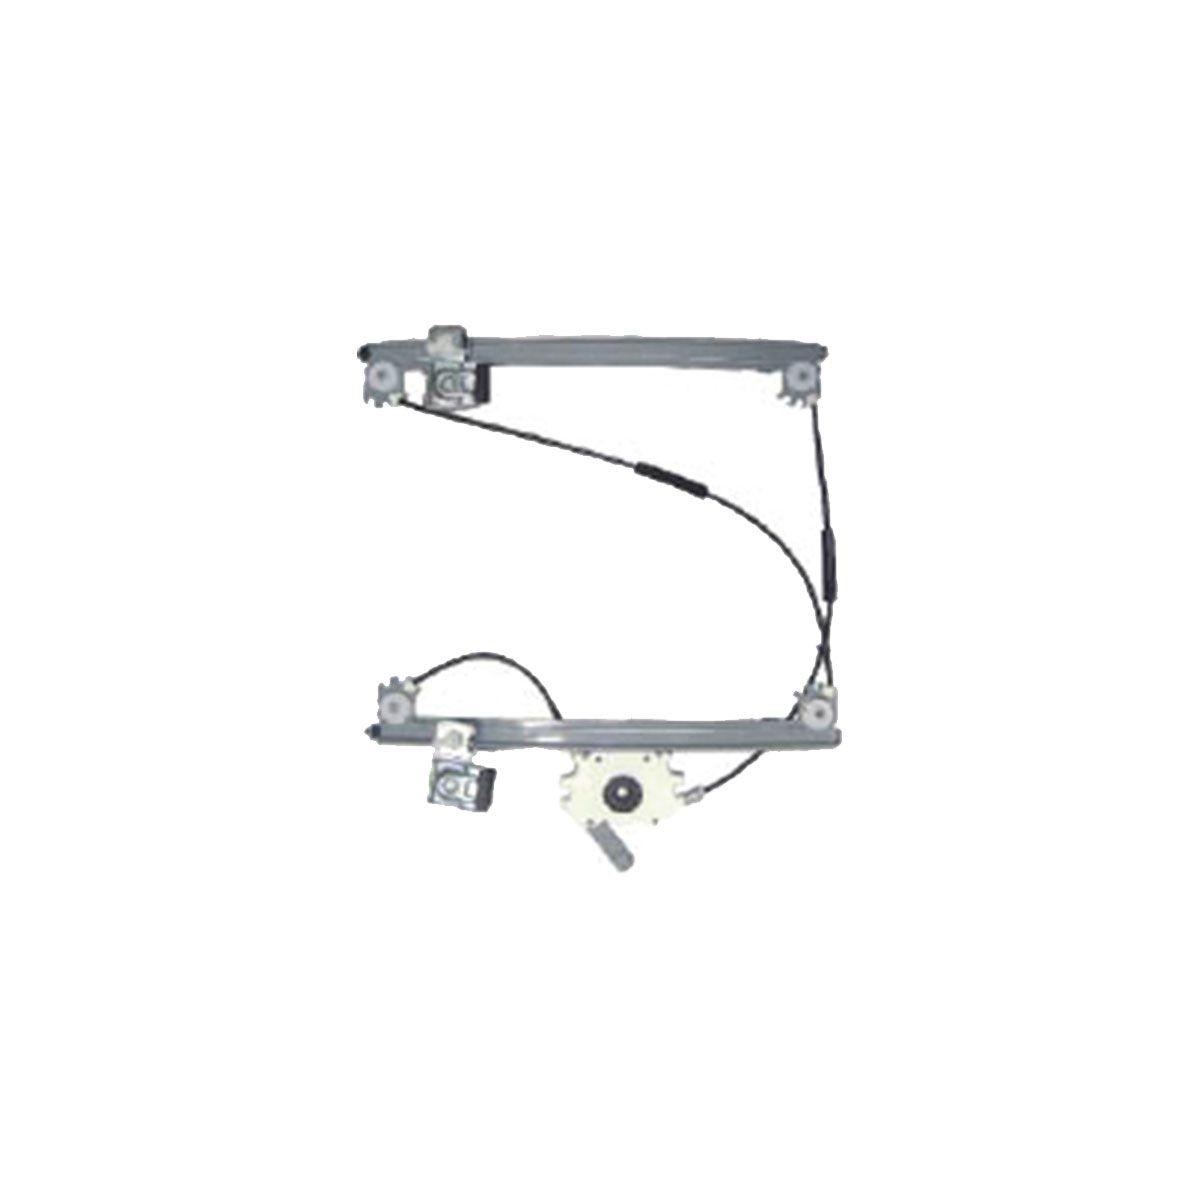 Máquina Vidro Elétrica | Santana 1998|  4 Portas| Fixação Bosch Dianteiro